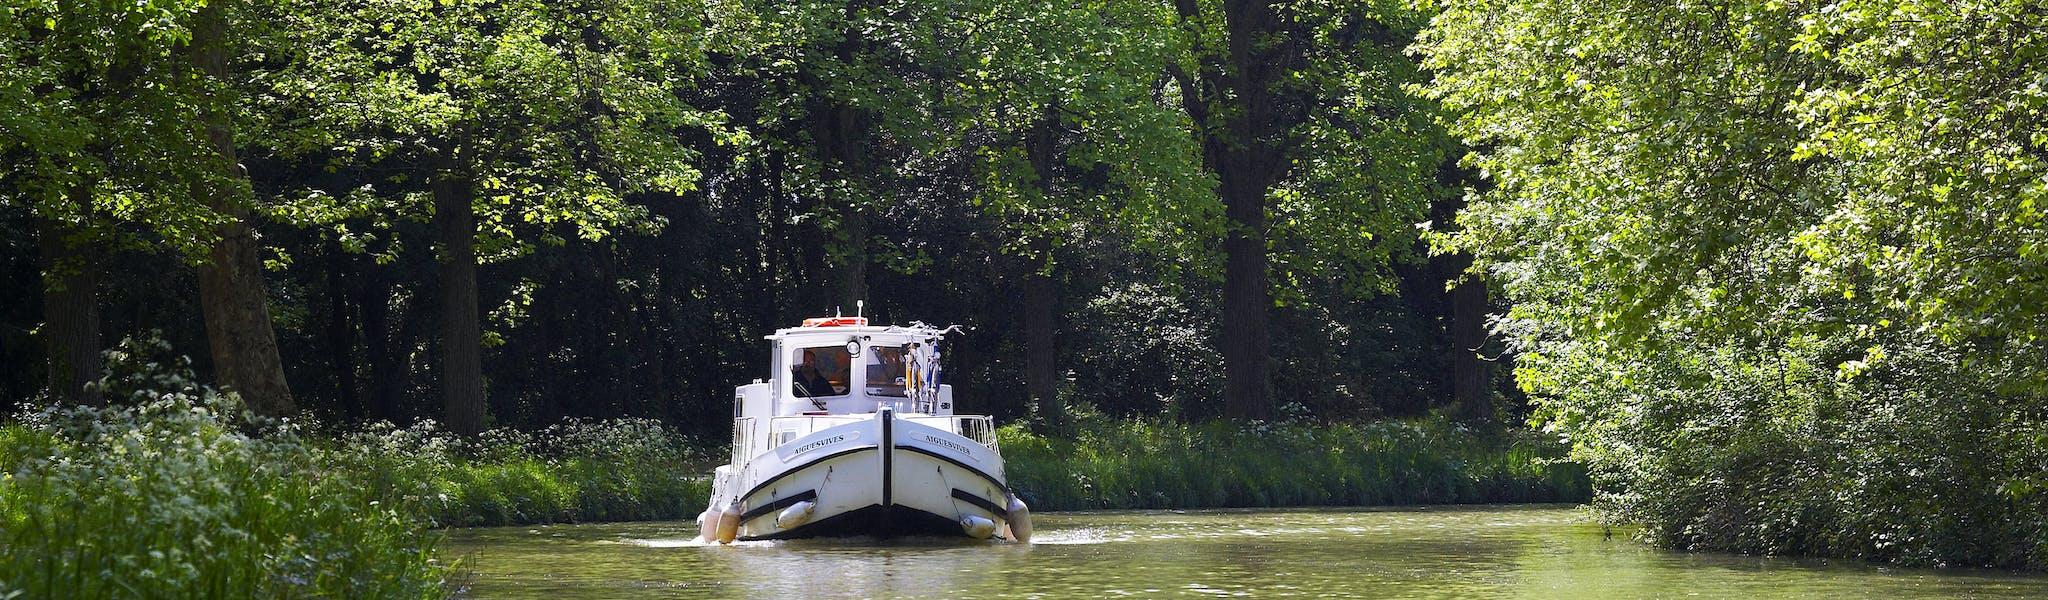 Locaboat Penichhette Classique